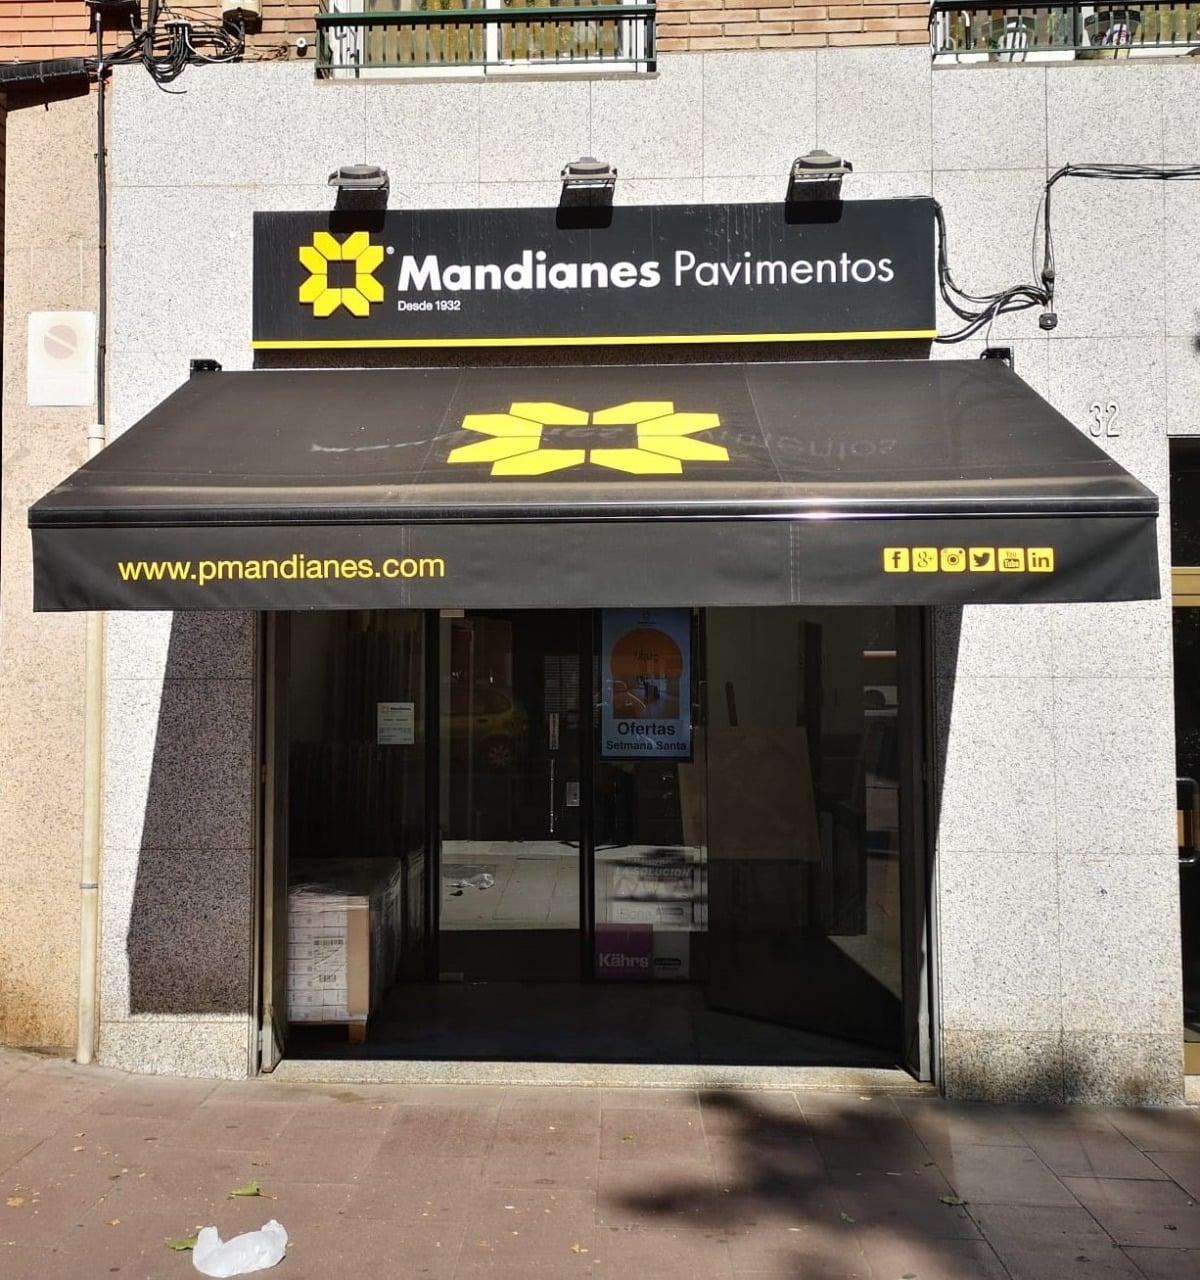 En Pavimentos Mandianes Parquets i Portes Barcelona, la teva seguretat és el més important, per això complim més de 20 mesures d'higiene.